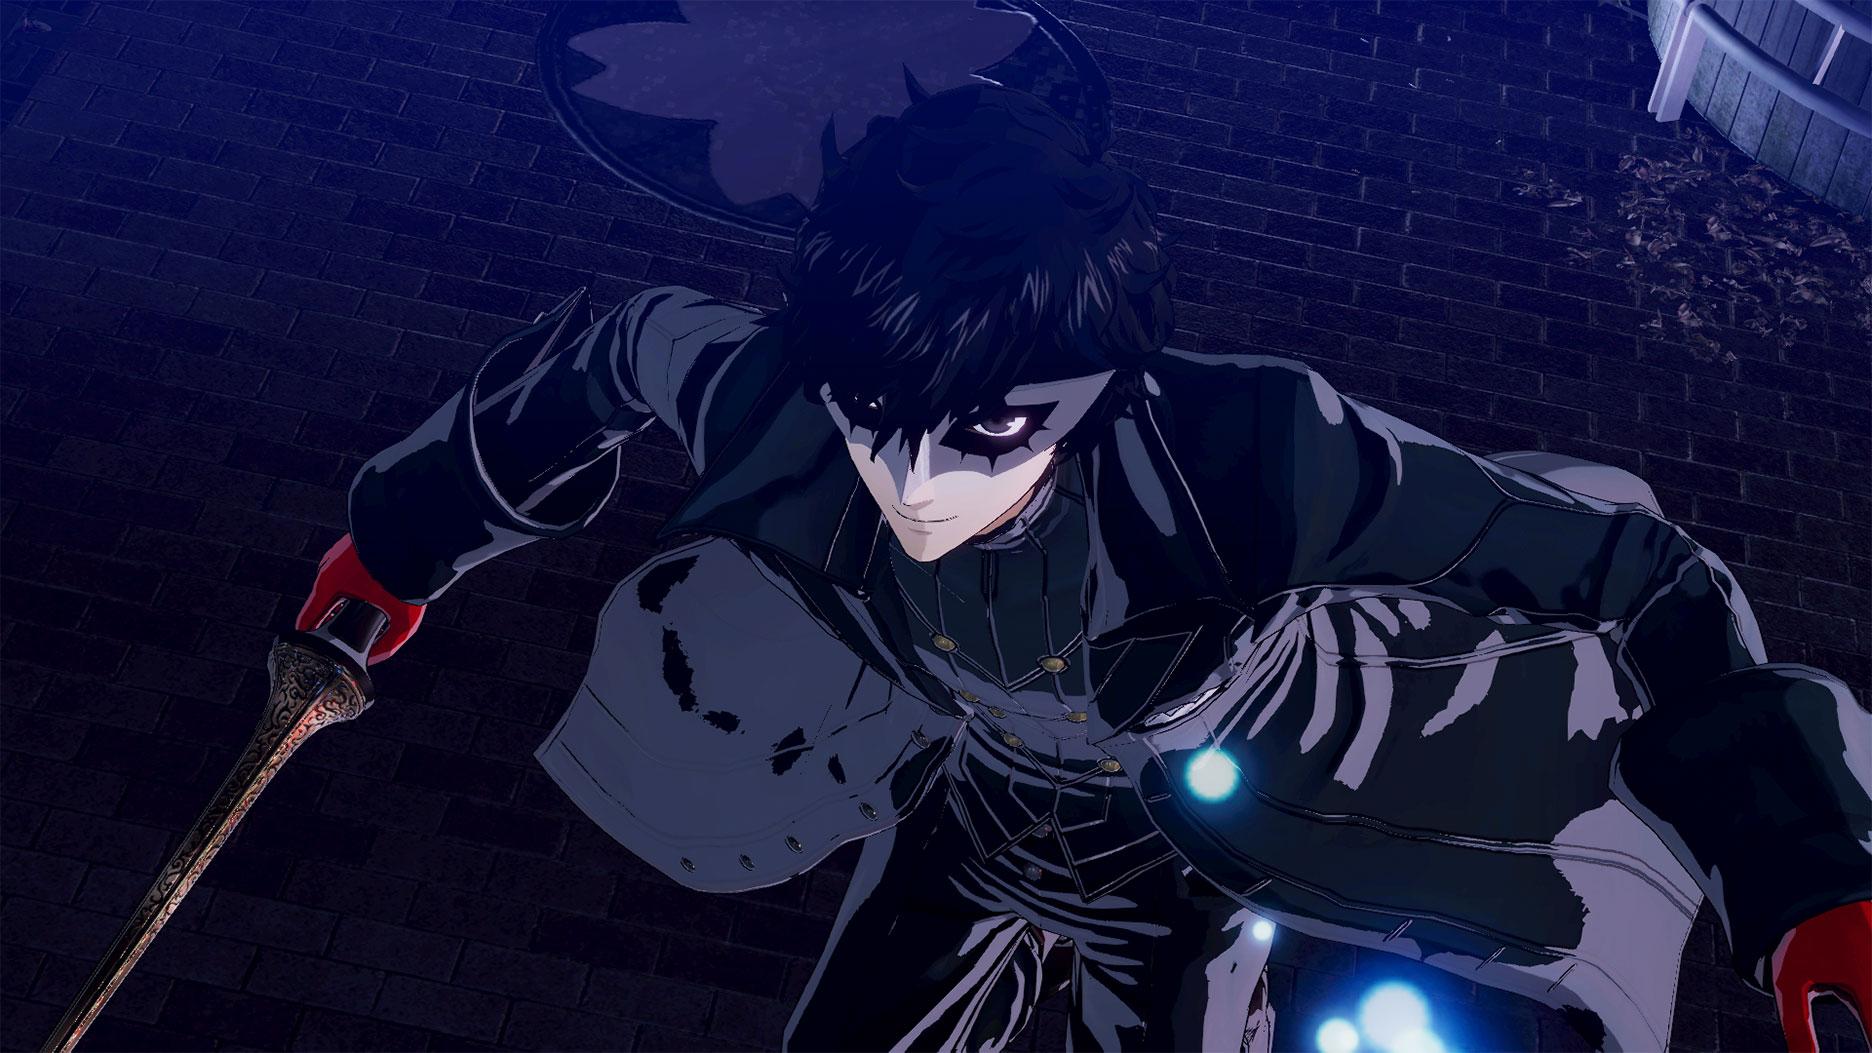 Screen z Persona 5 przedstawiający Protagonistę